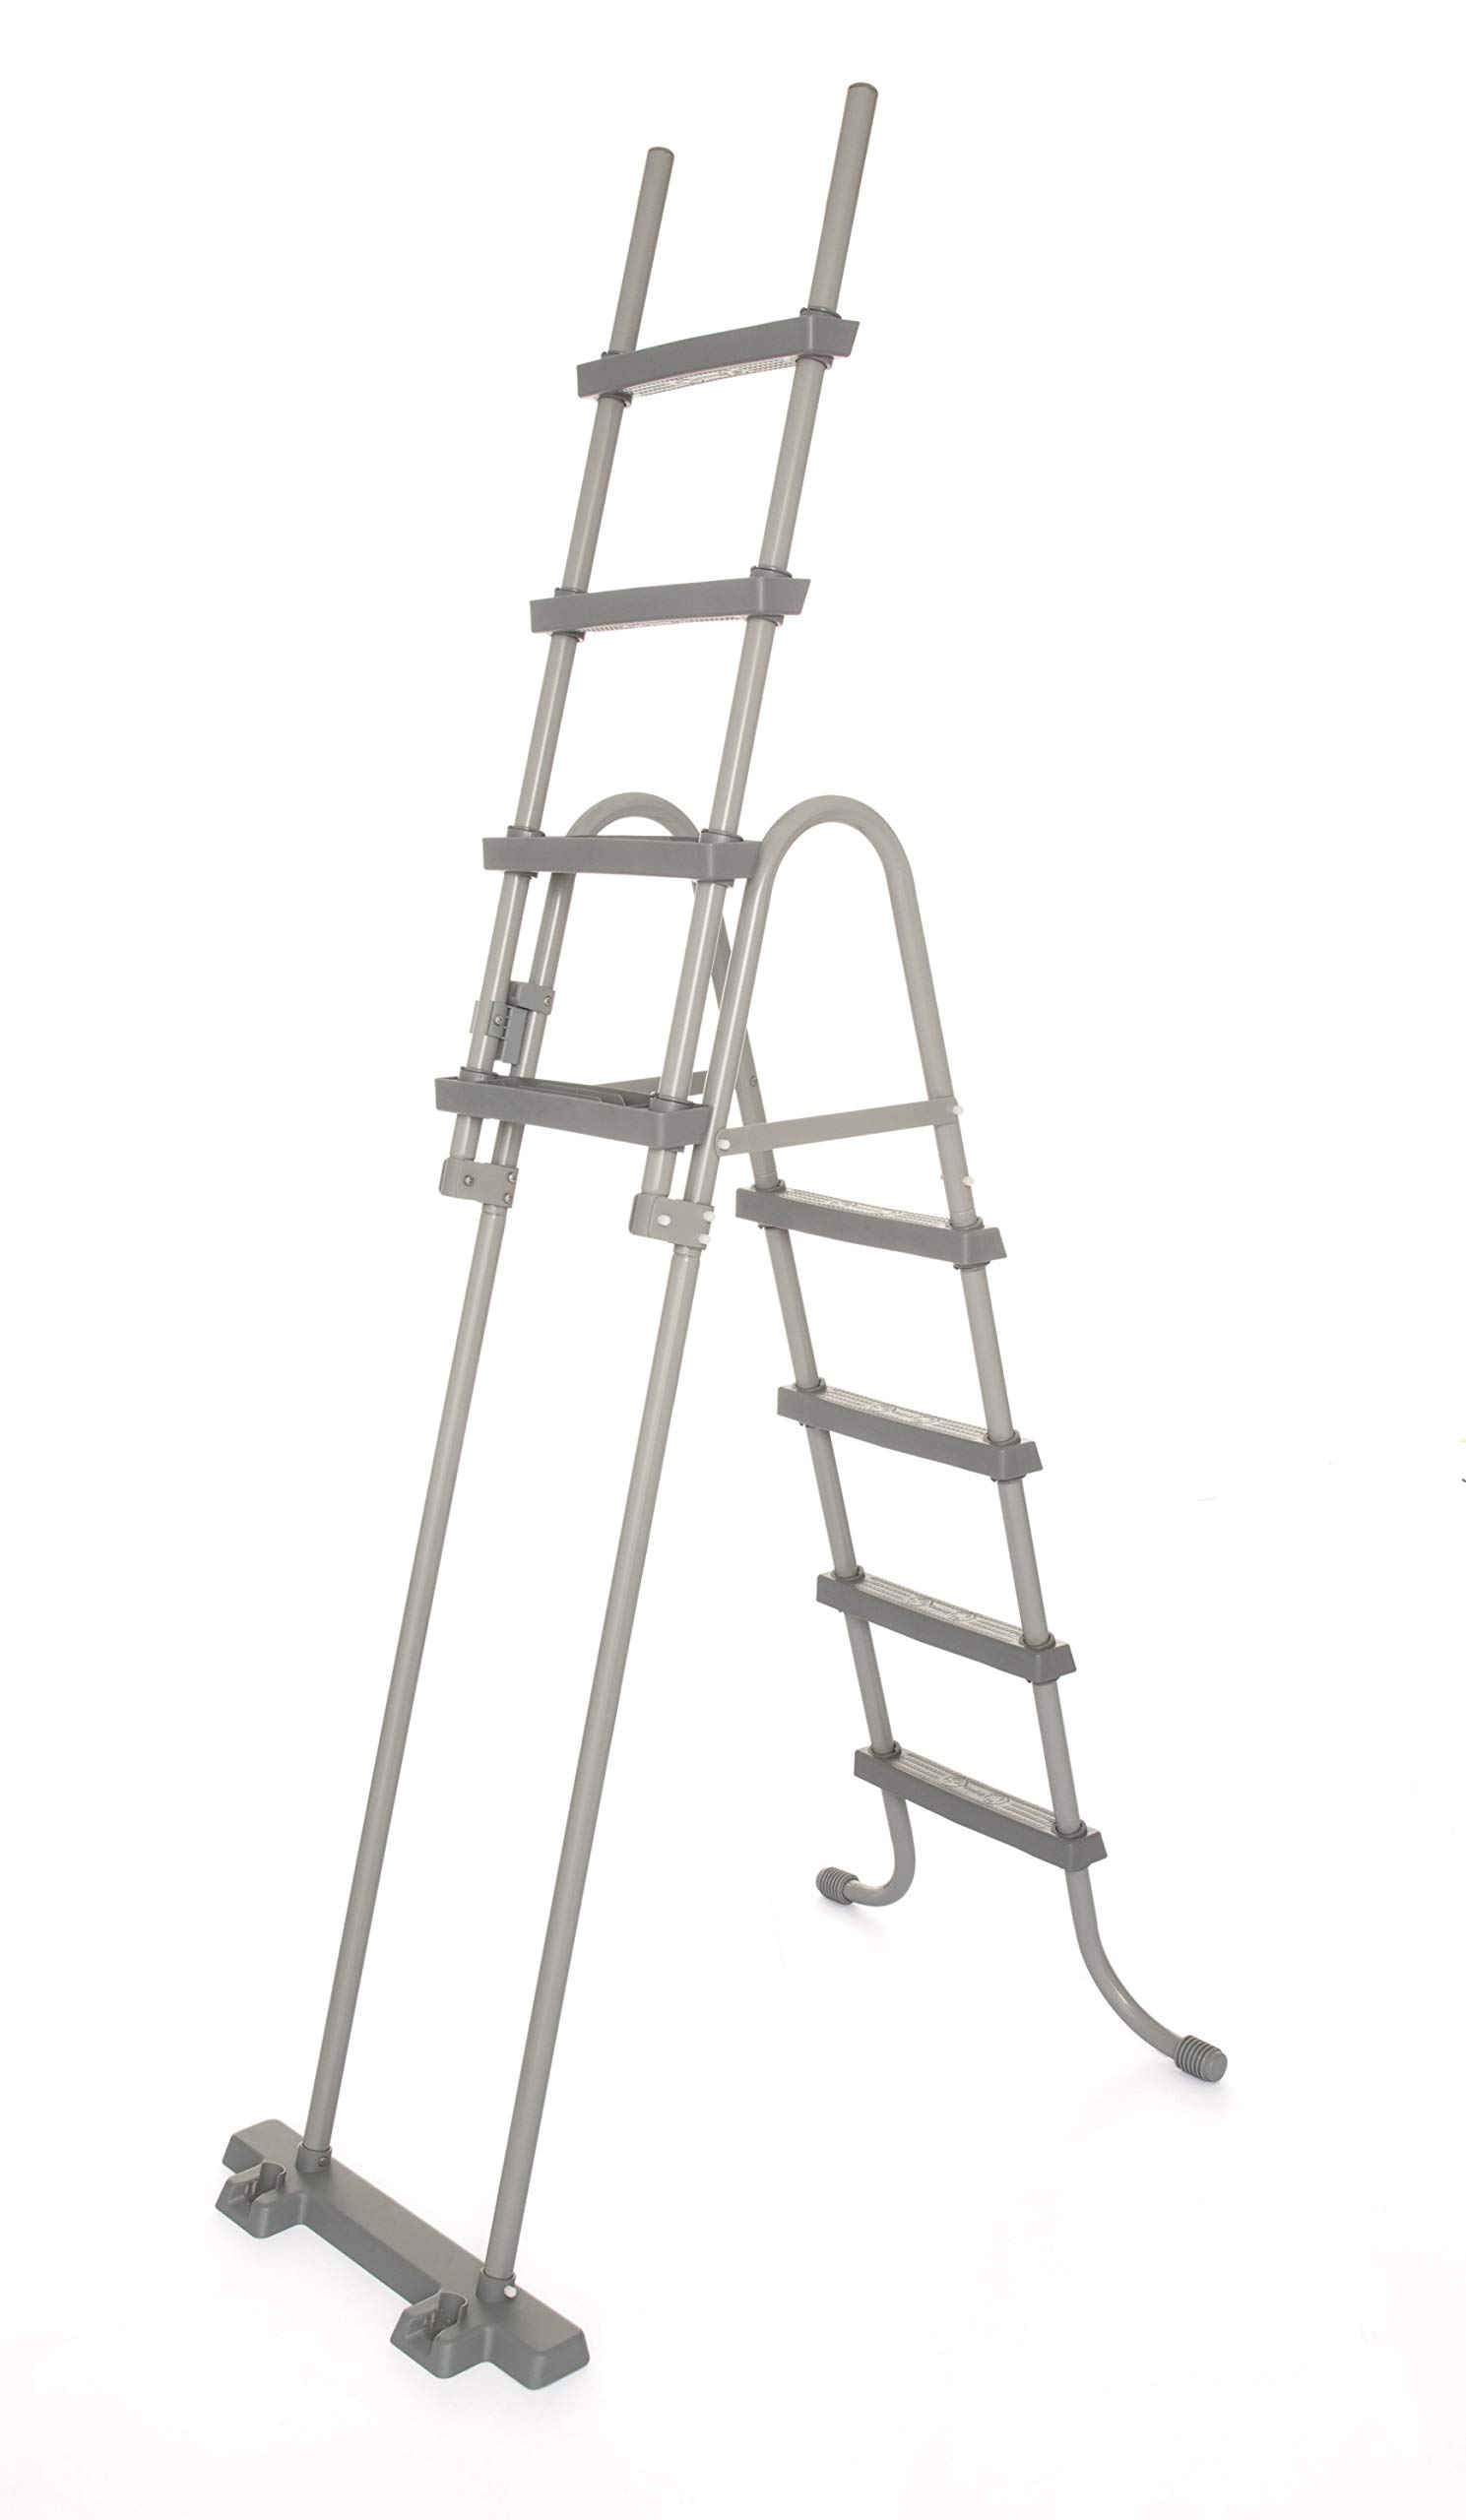 Escalera para Piscina Desmontable Bestway 122 cm